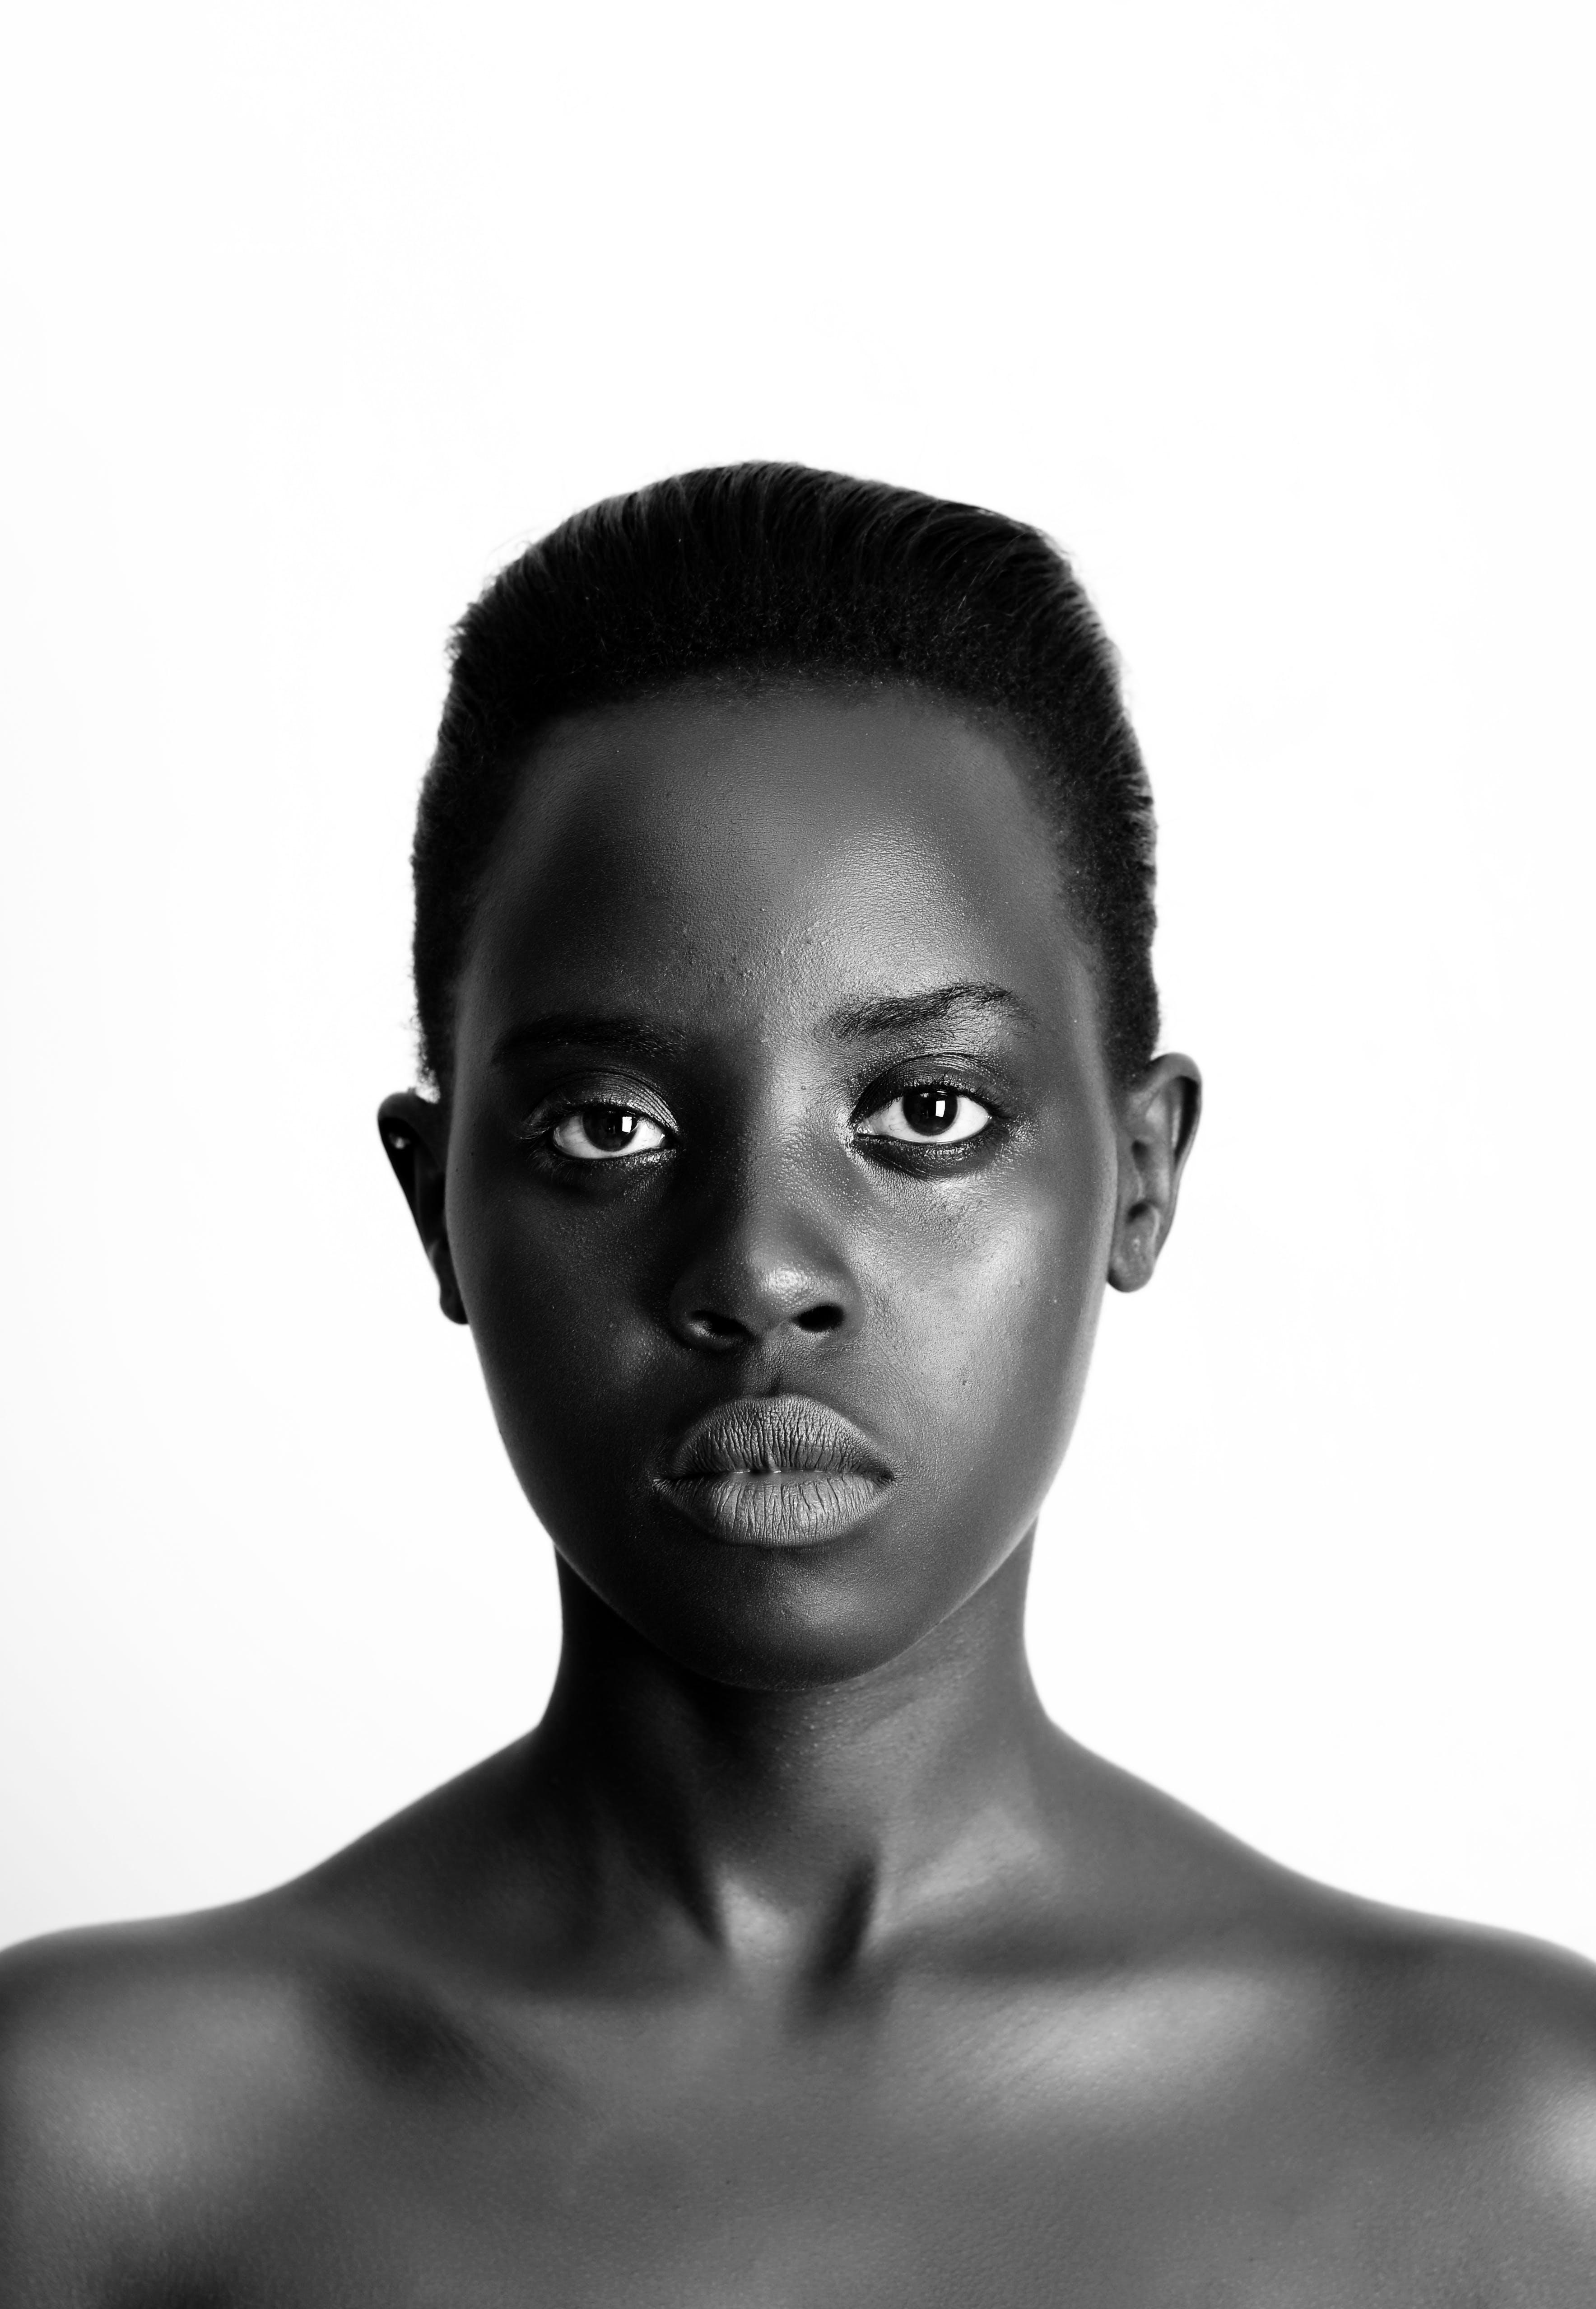 Gratis stockfoto met fotomodel, gezichtsuitdrukking, huid, mevrouw